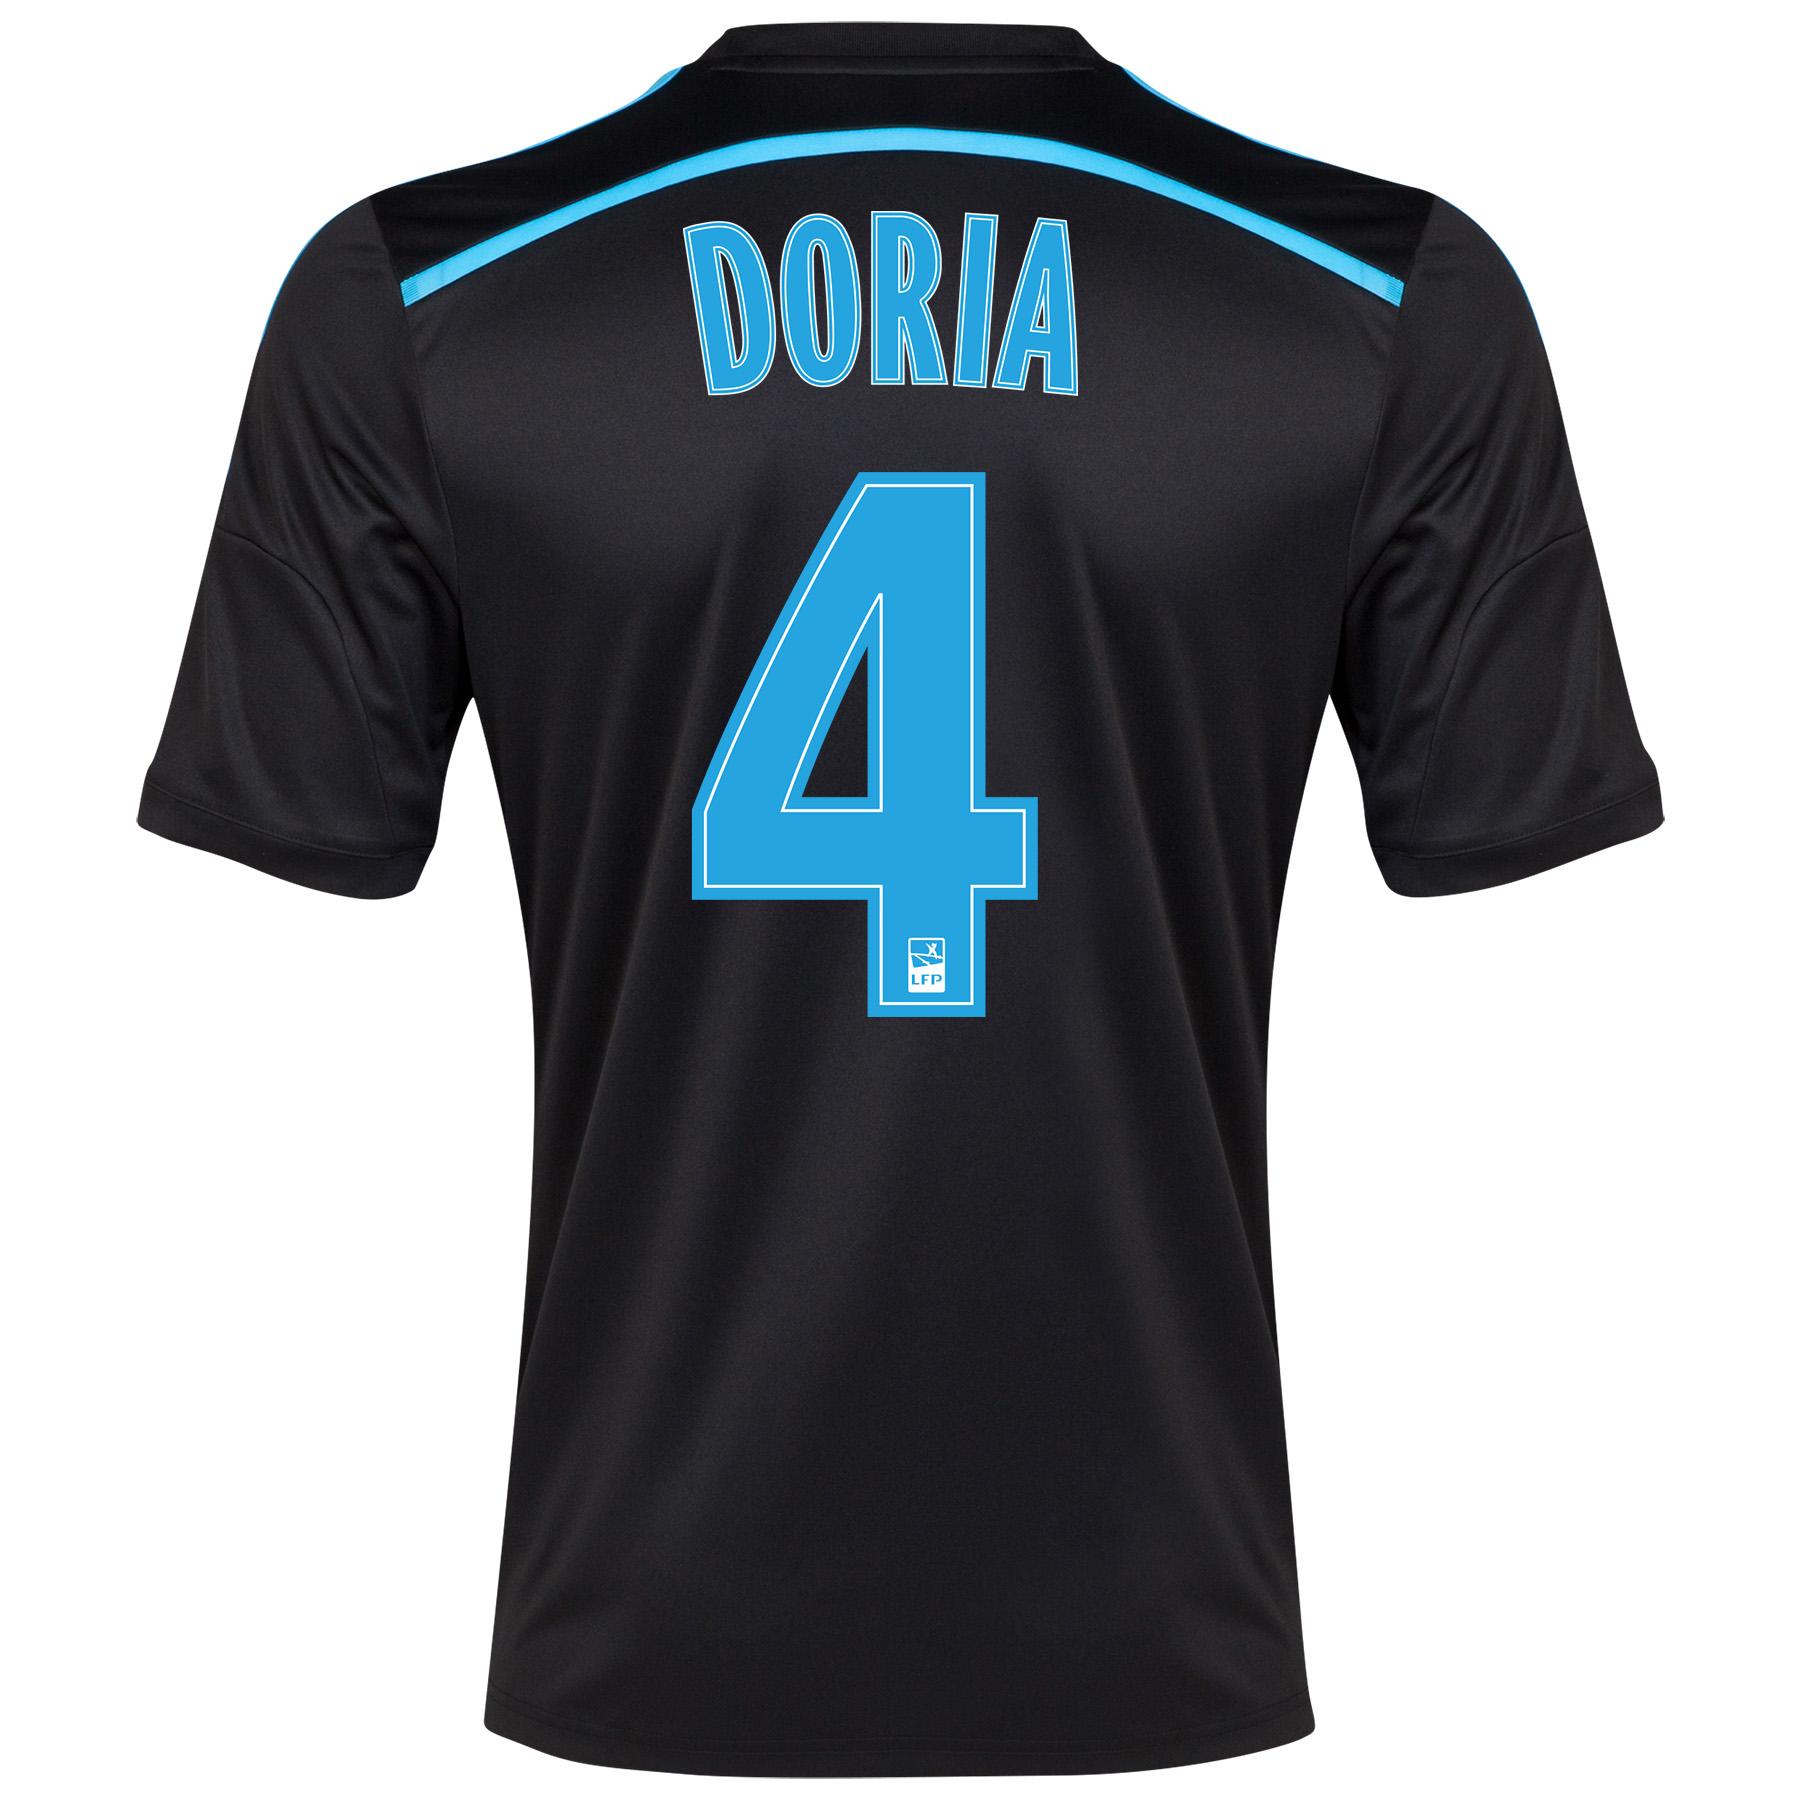 Olympique de Marseille 3rd Shirt Short Sleeve - Junior 2014/15 Black with Doria 4 printing